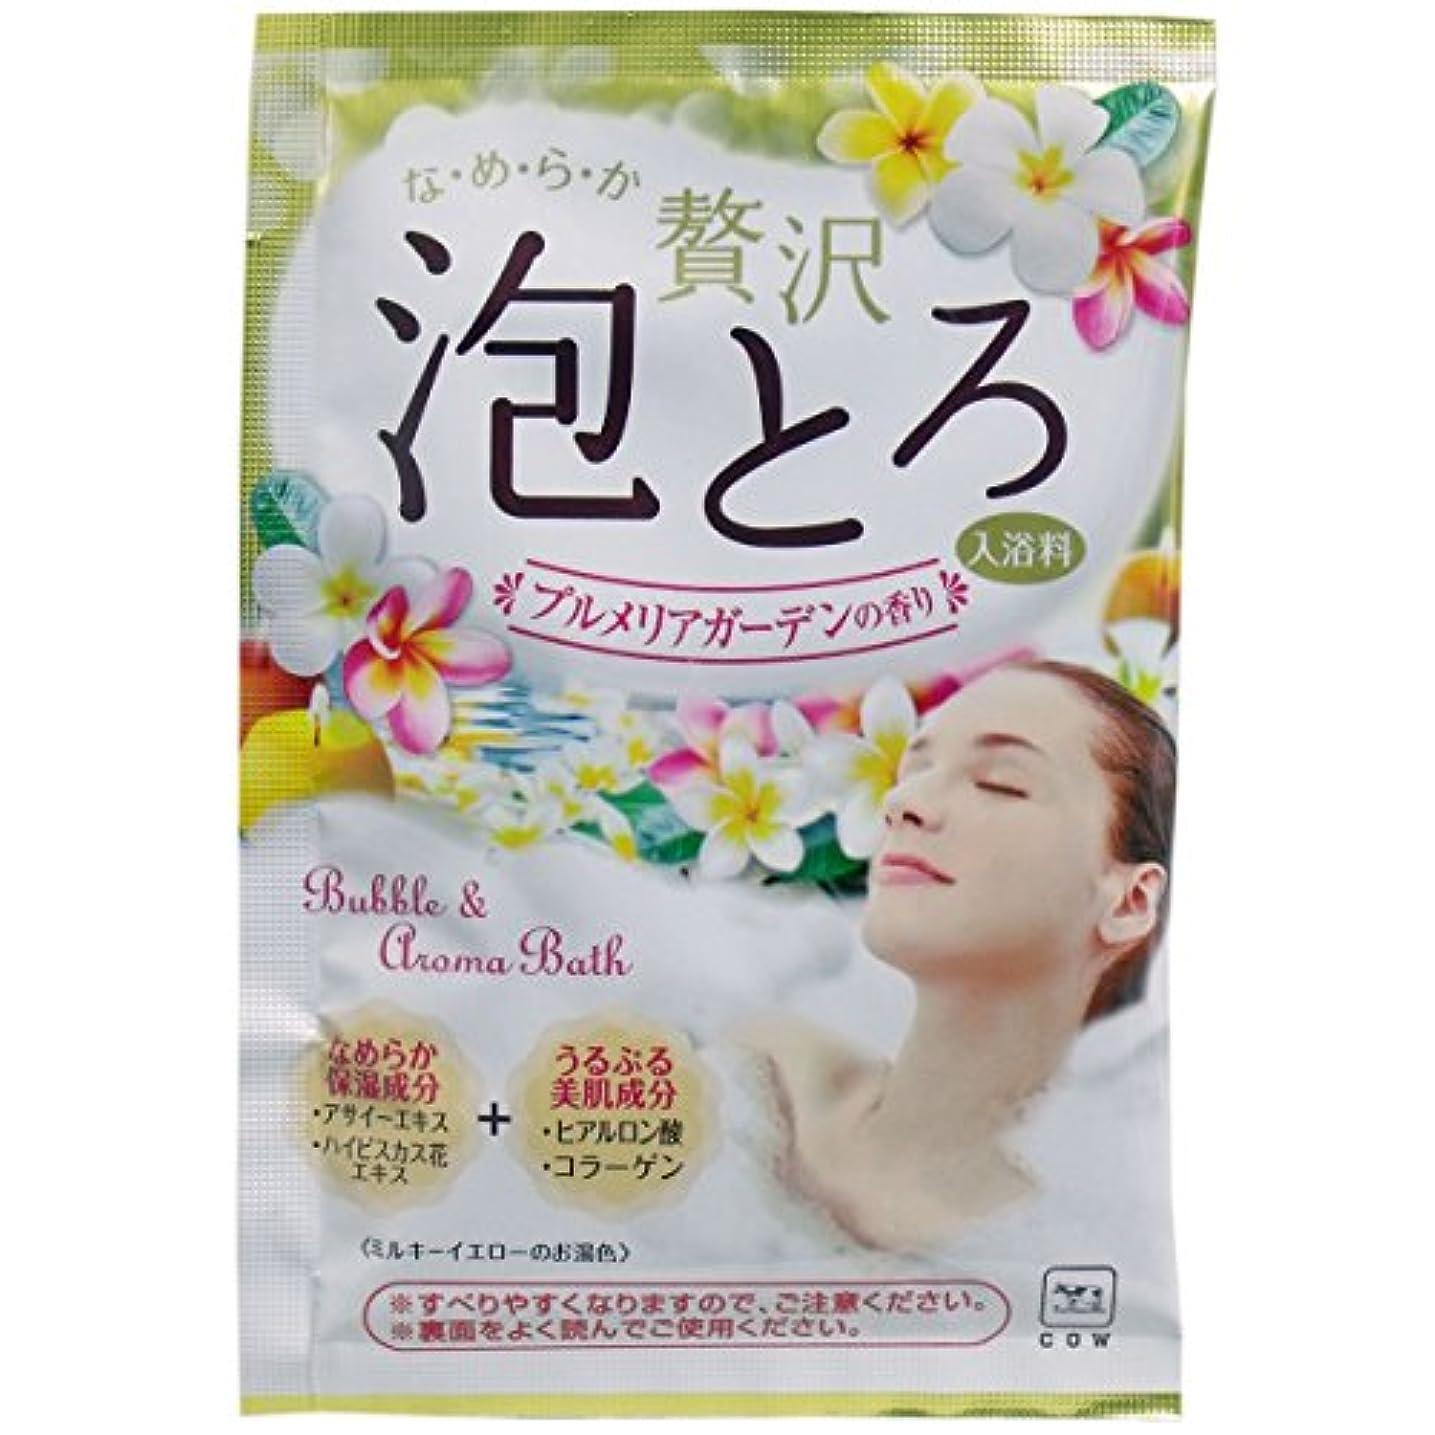 単調な飾る子犬牛乳石鹸共進社 お湯物語 贅沢泡とろ 入浴料 プルメリアガーデンの香り 30g